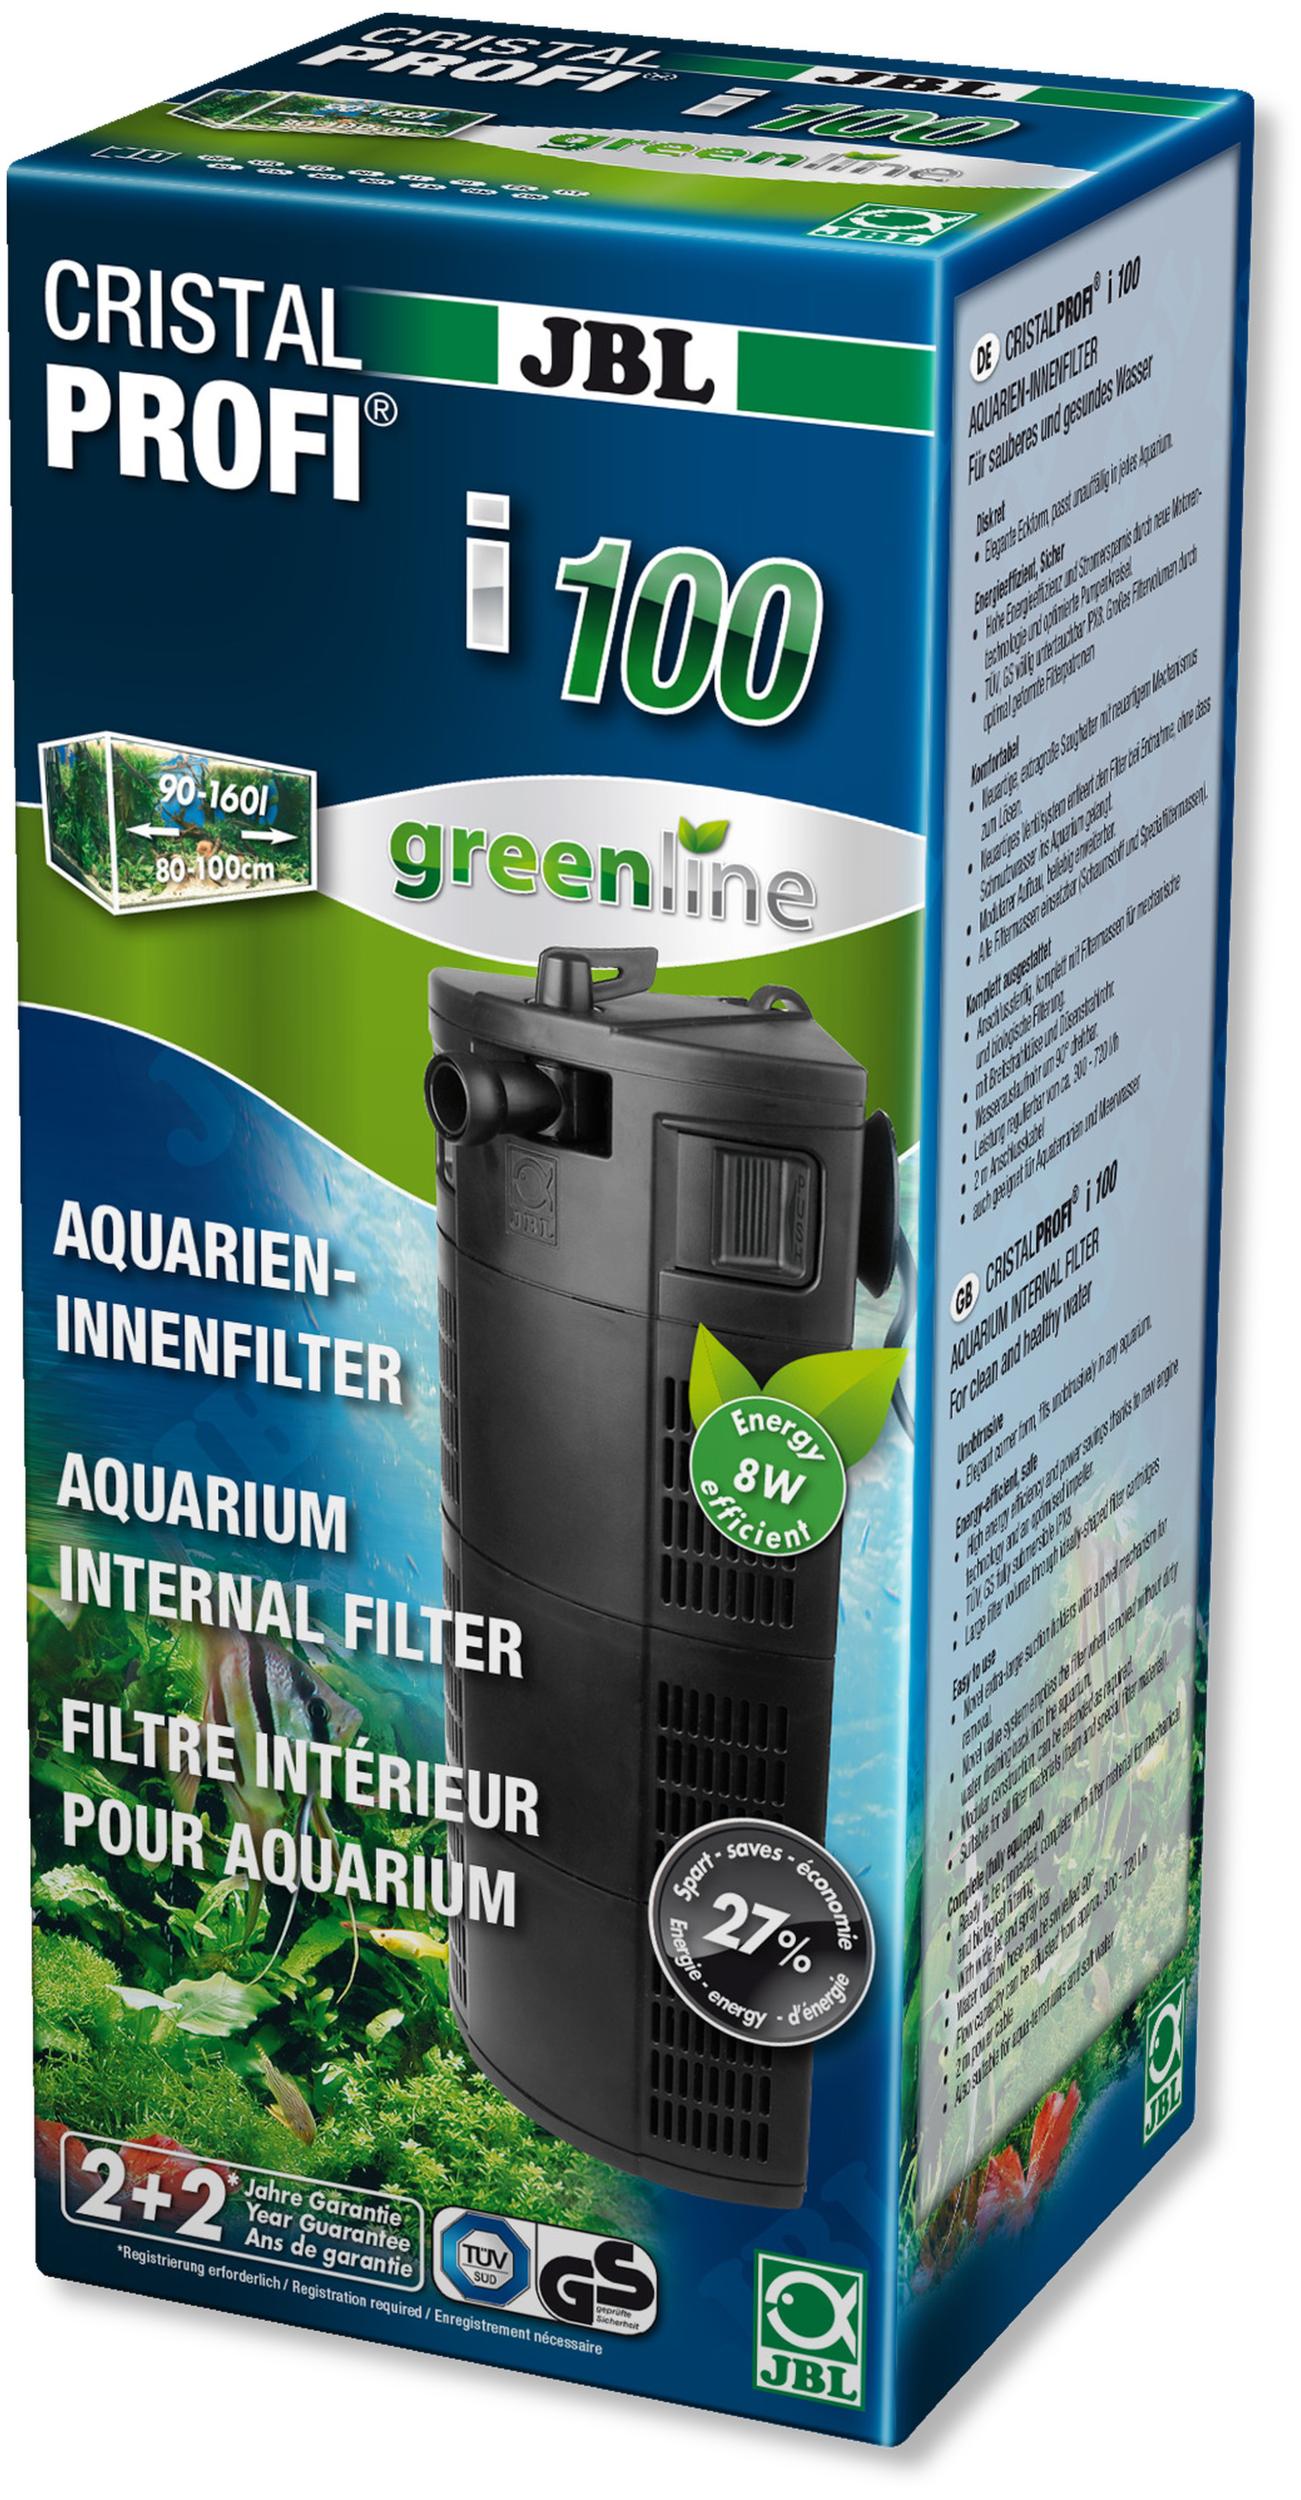 Filtre interne JBL CristalProfi i100 Greenline pour aquarium de 90 à 160L